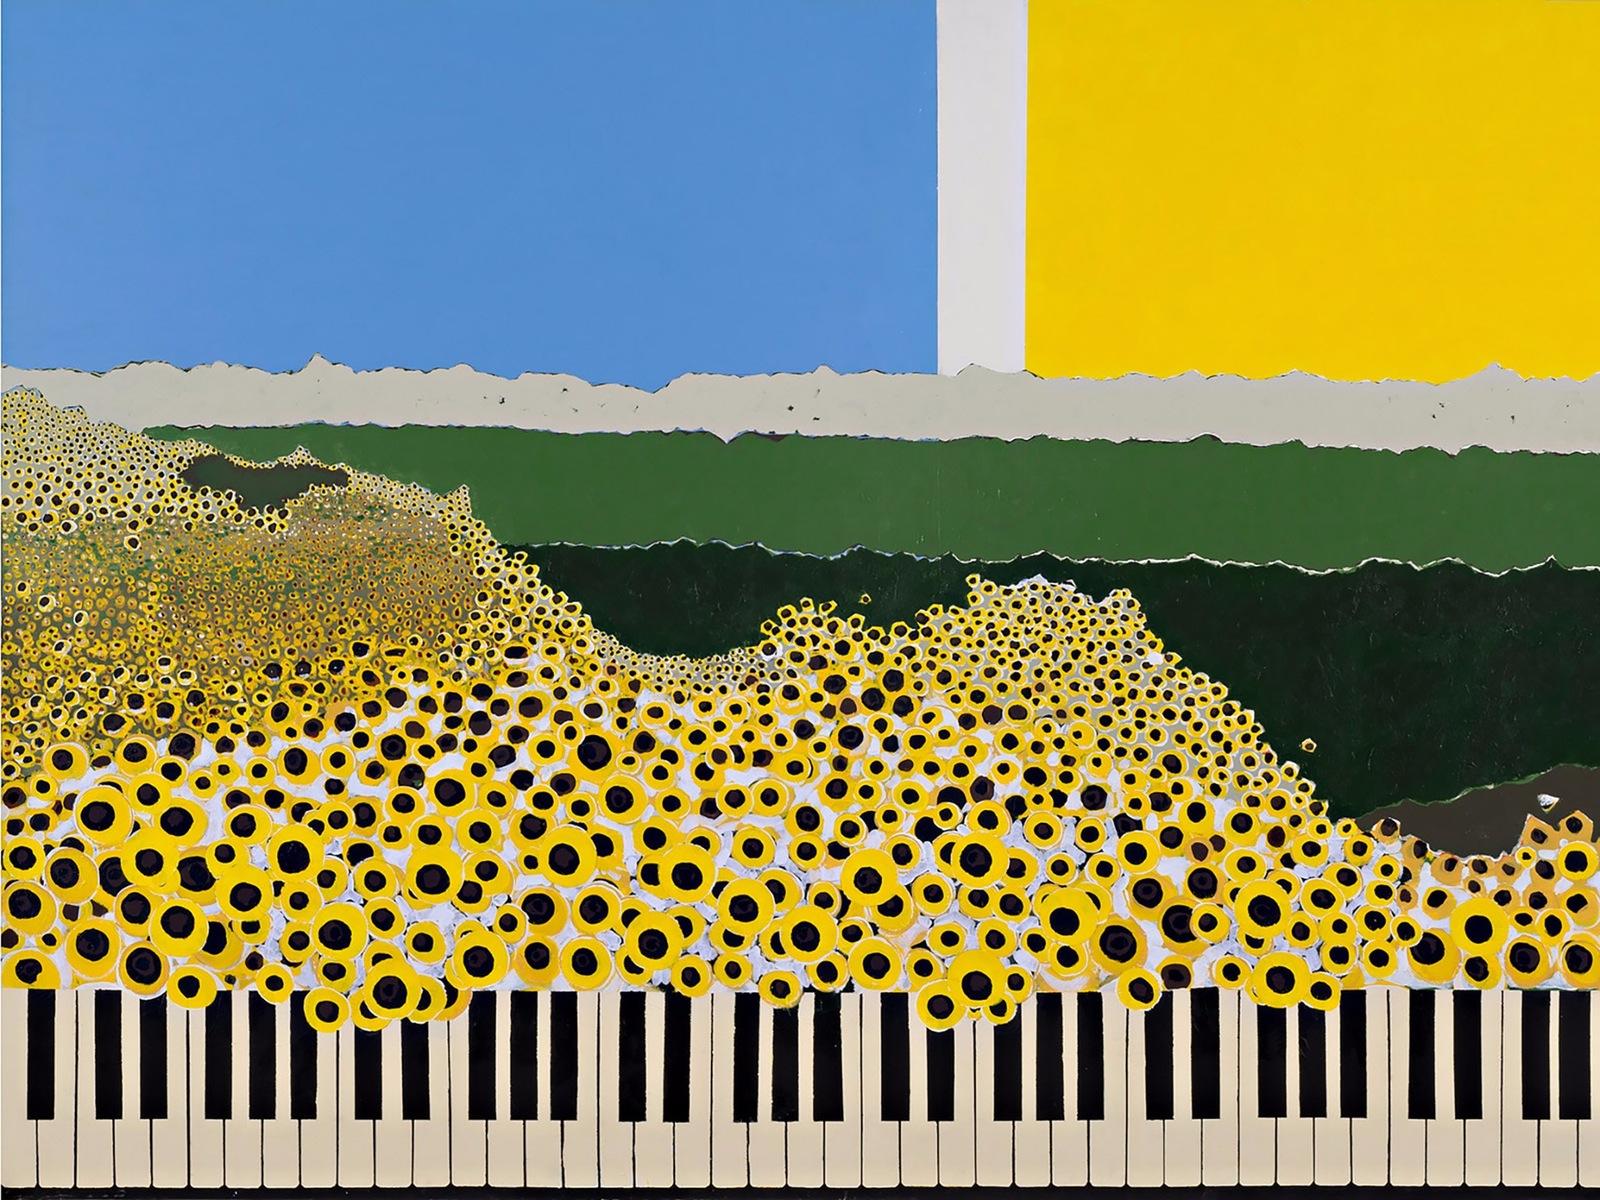 Josef Brunhuber, Sunflower Sonata, 2012